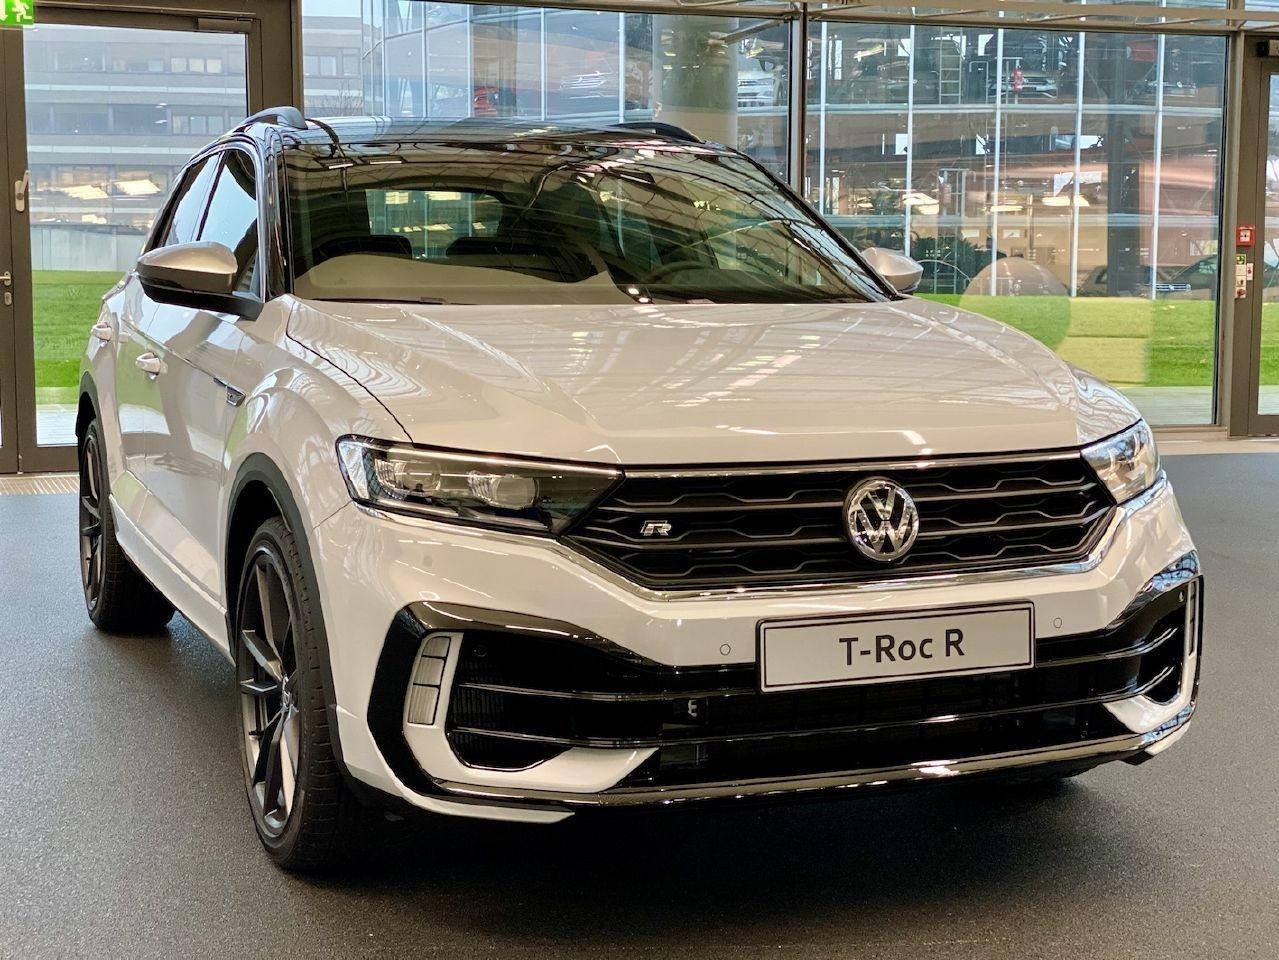 Volkswagen entrega la primera unidad del T-ROC R a un empleado de la casa alemana